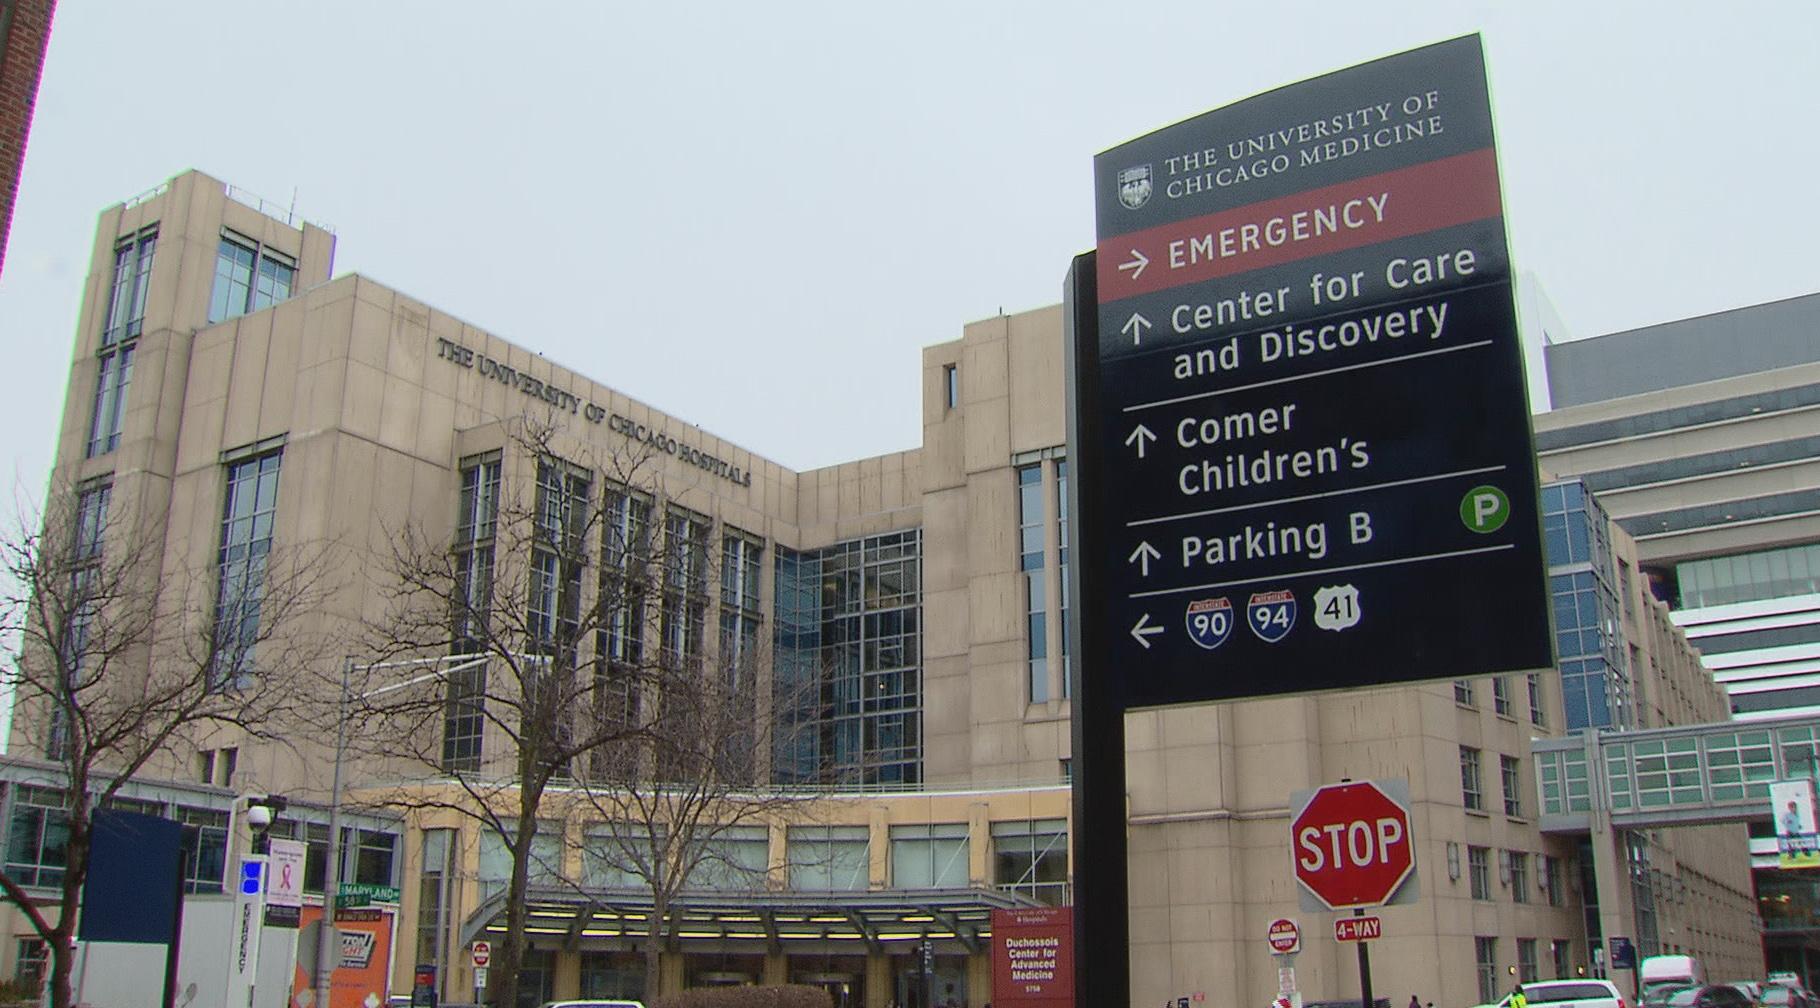 Northwestern University Hospital Emergency Room